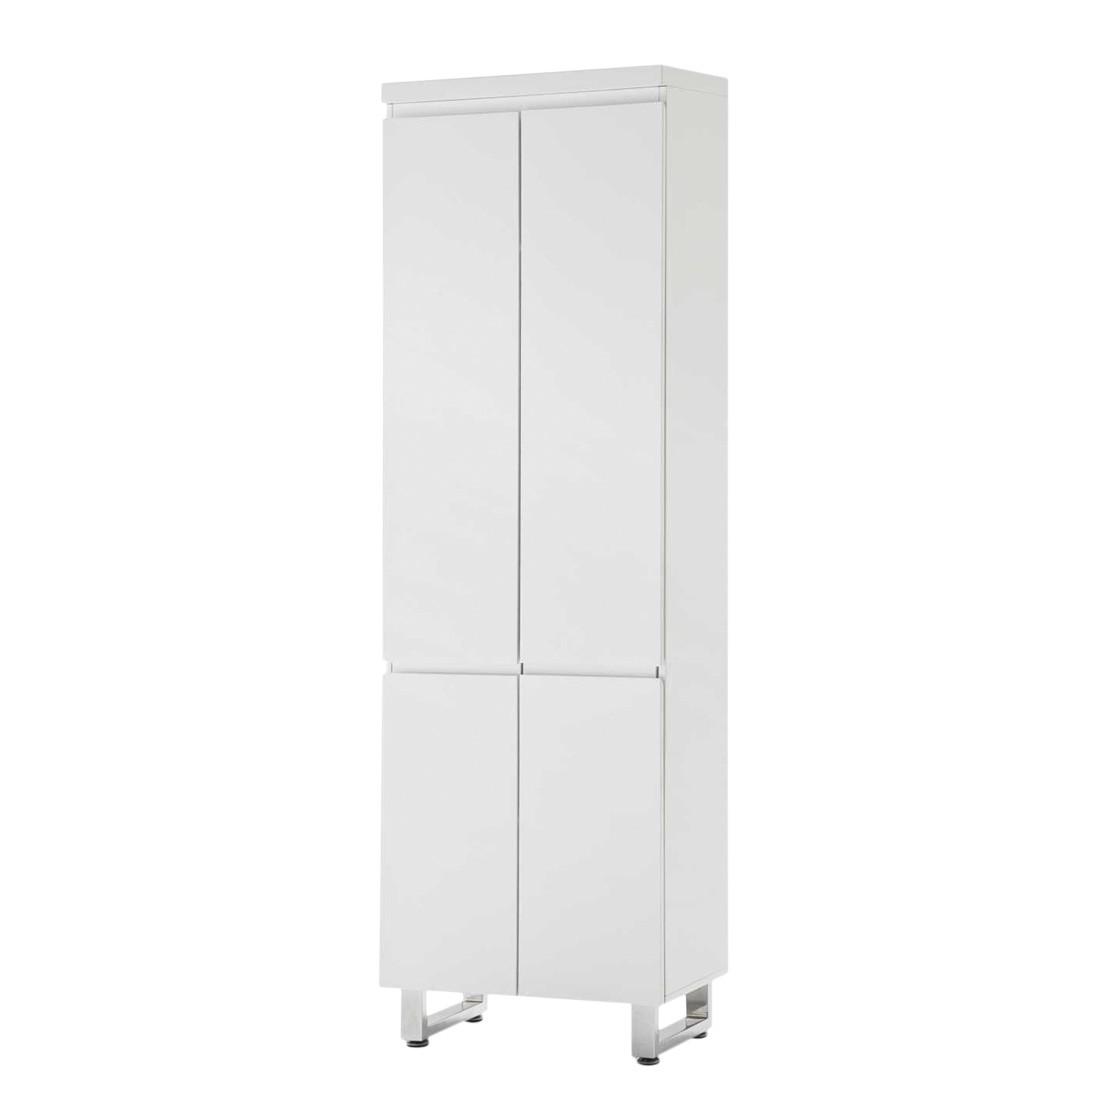 Modoform Garderobenschrank – für ein modernes Zuhause | home24